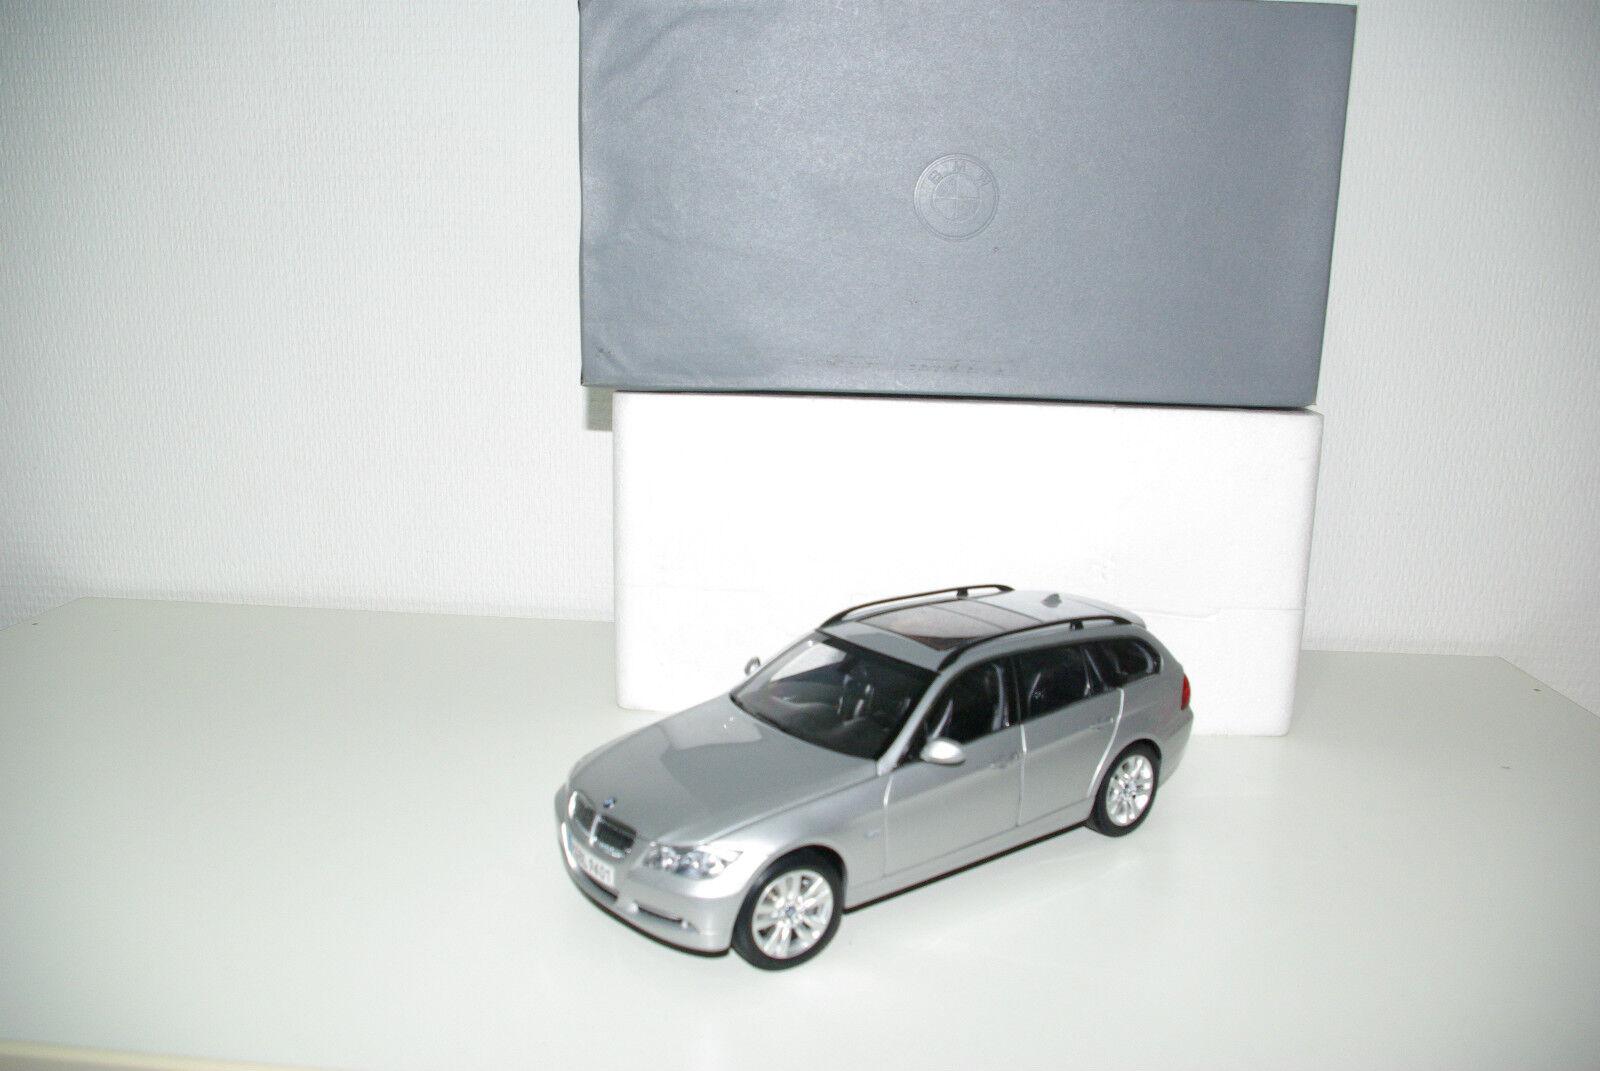 KYOSHO BMW 330i 330 Touring METALLIC grigio Dealer Edition MINT BOXED RARE RARO